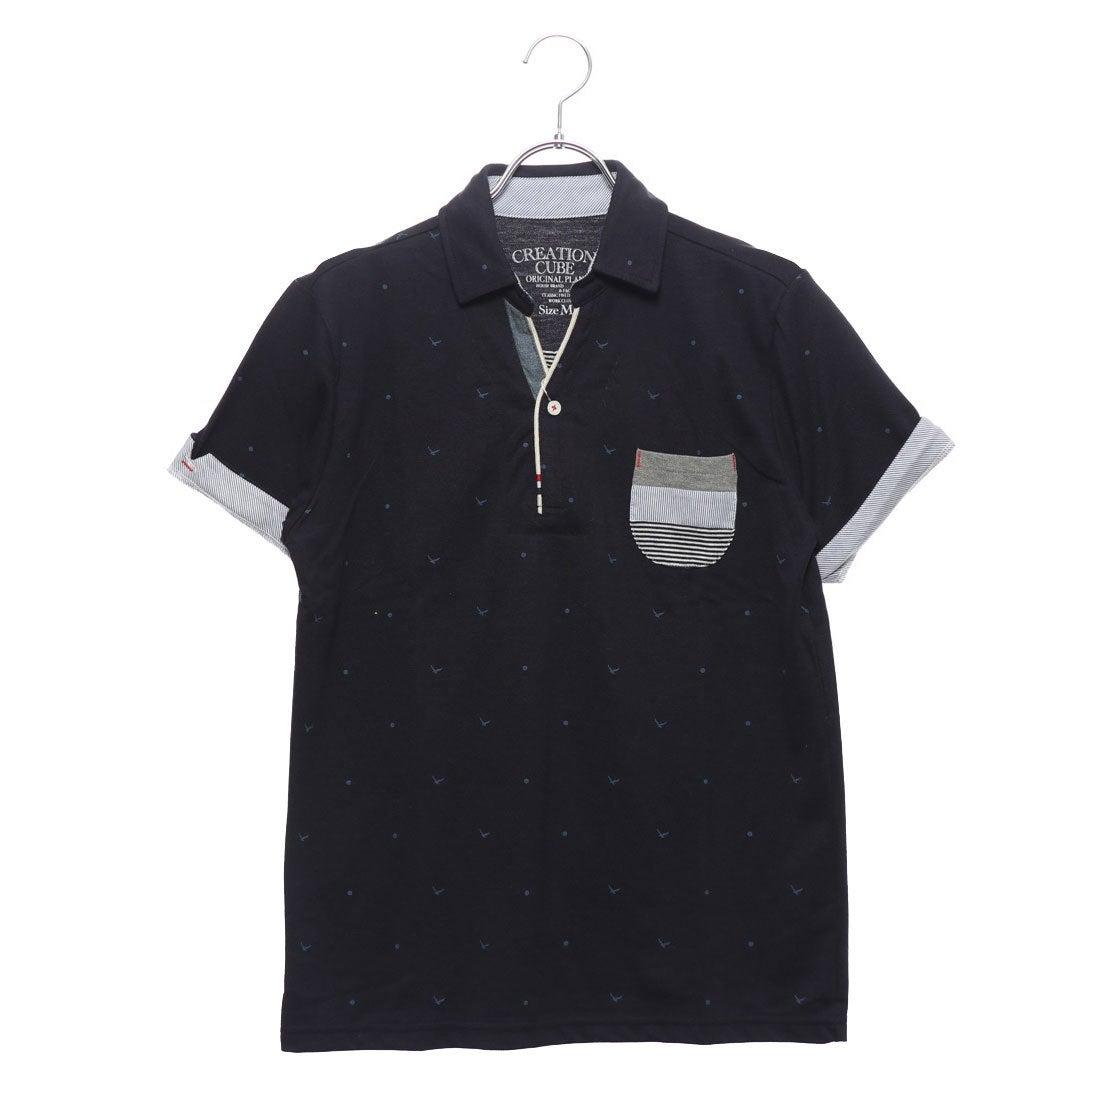 ロコンド 靴とファッションの通販サイトスタイルブロック STYLEBLOCK カノコカモメプリントスキッパーポロシャツ (ネイビー)